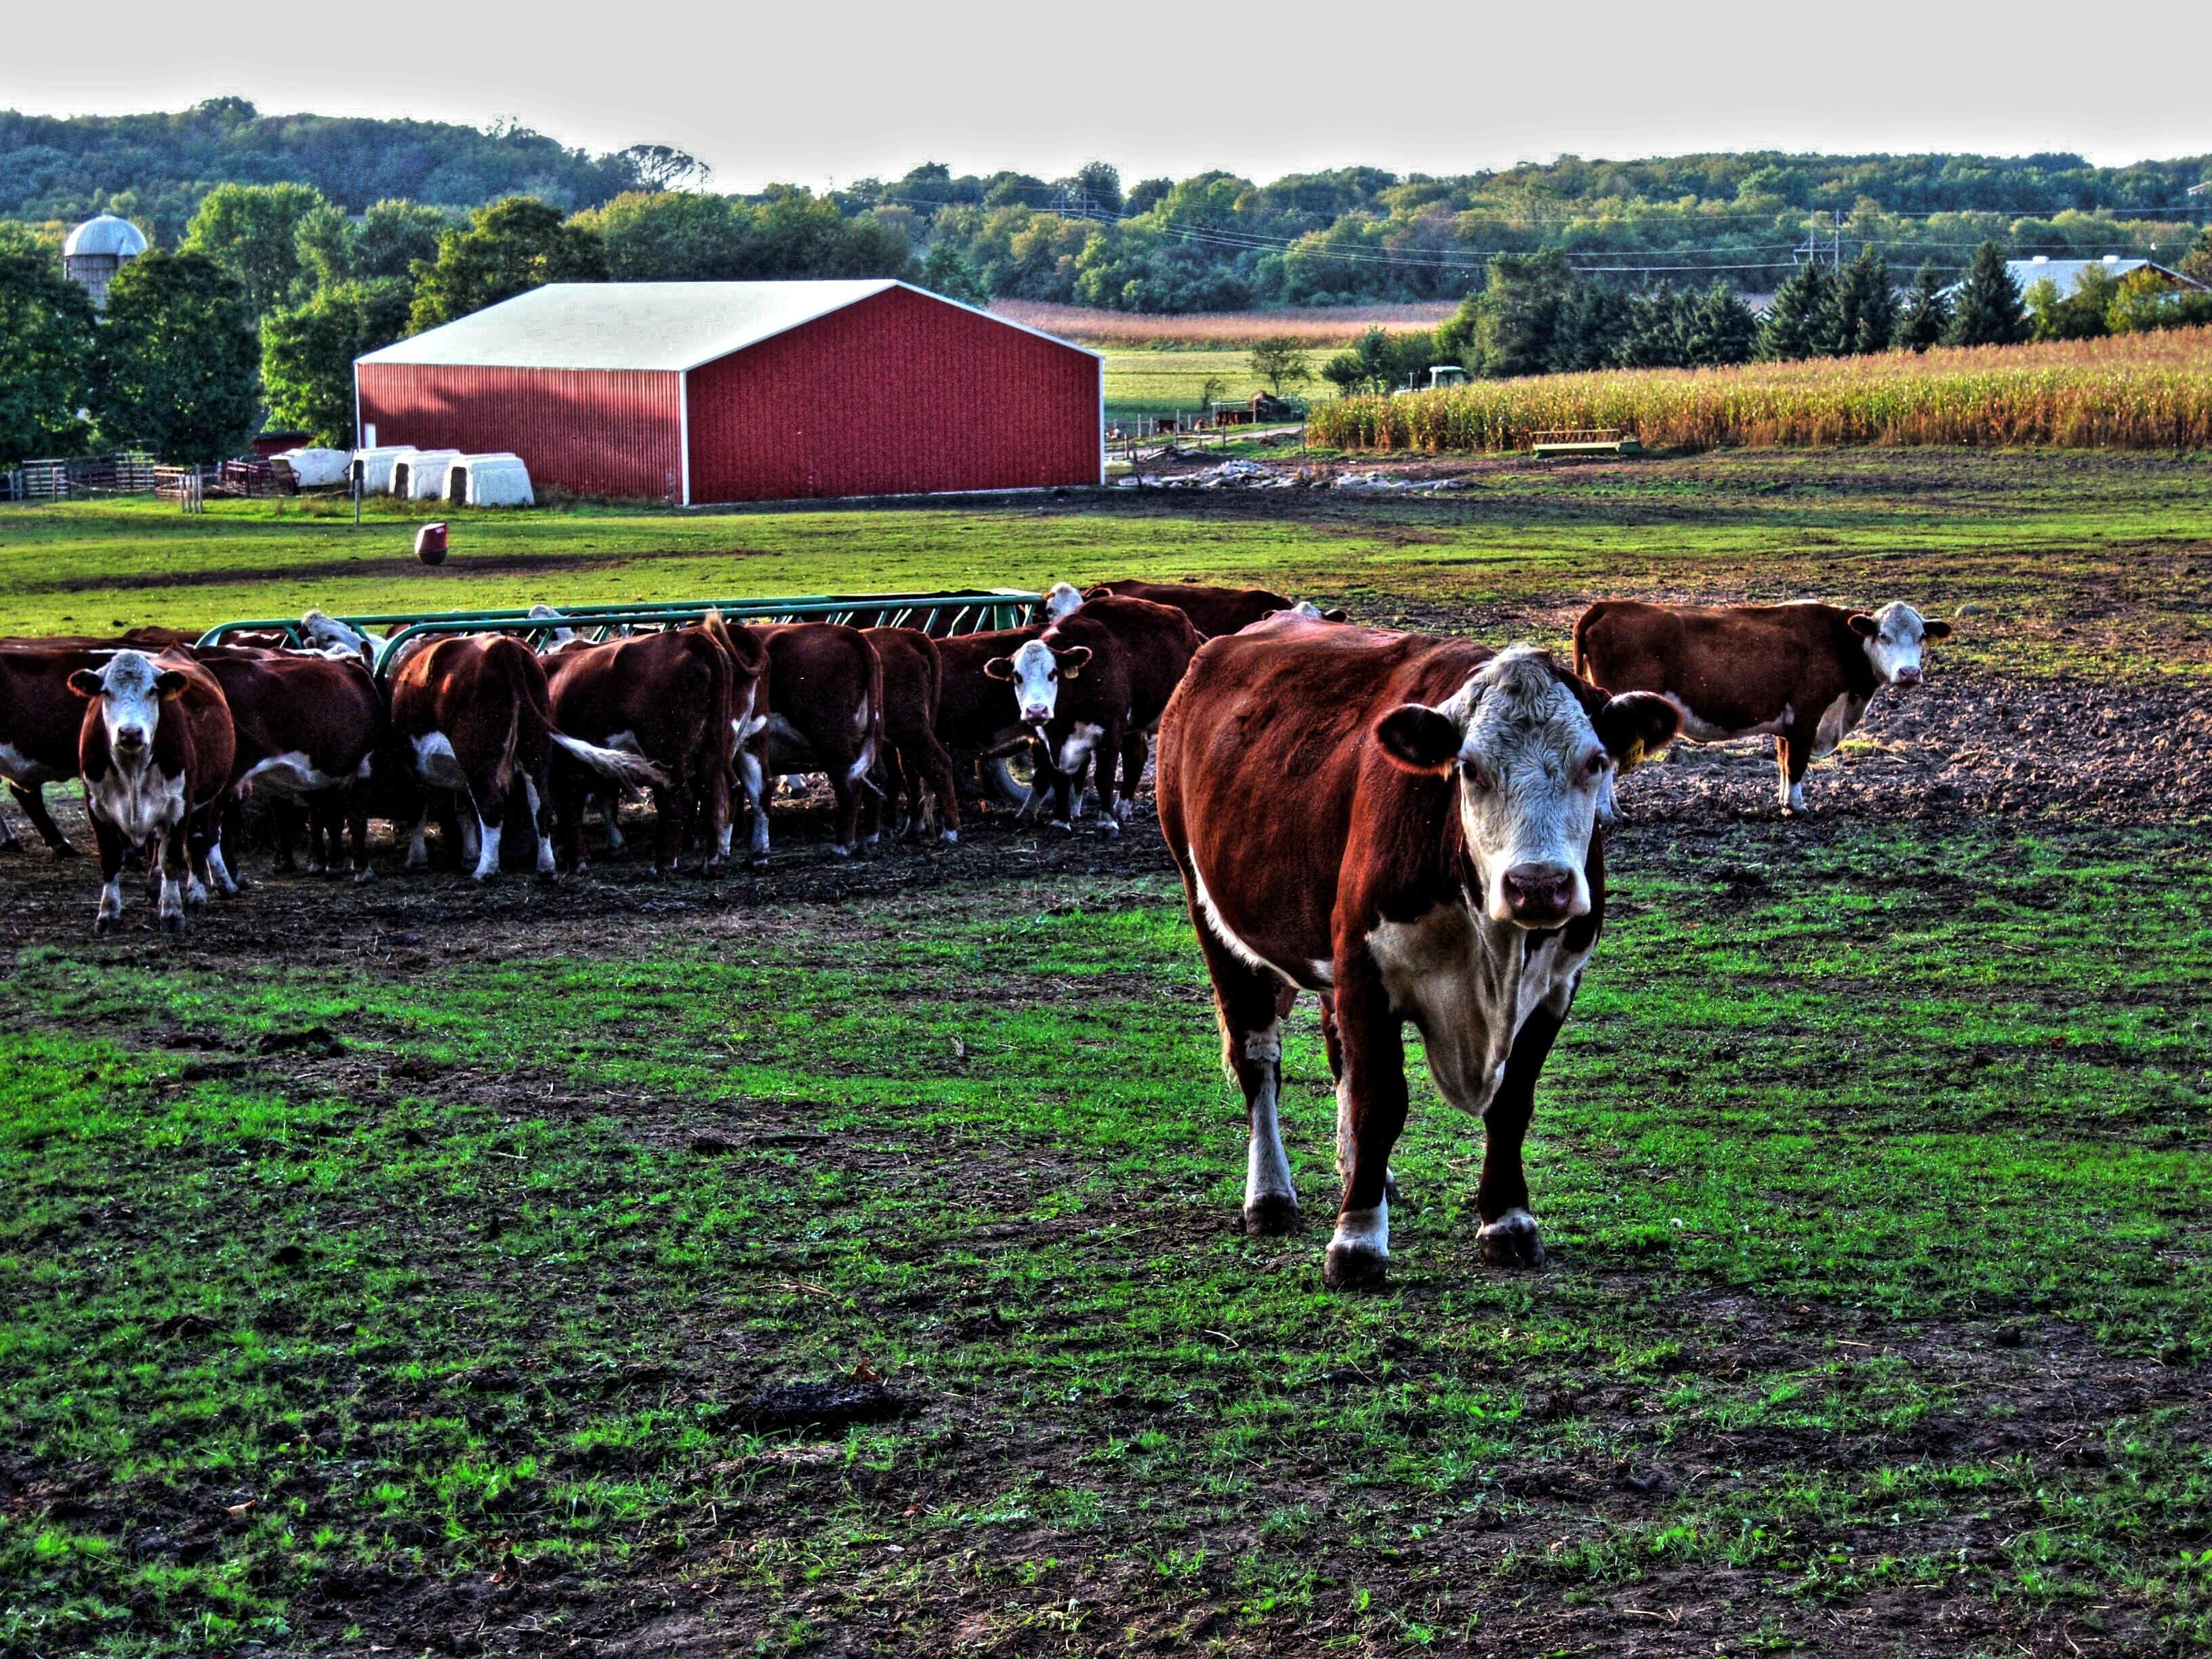 реклама фермы картинки свое